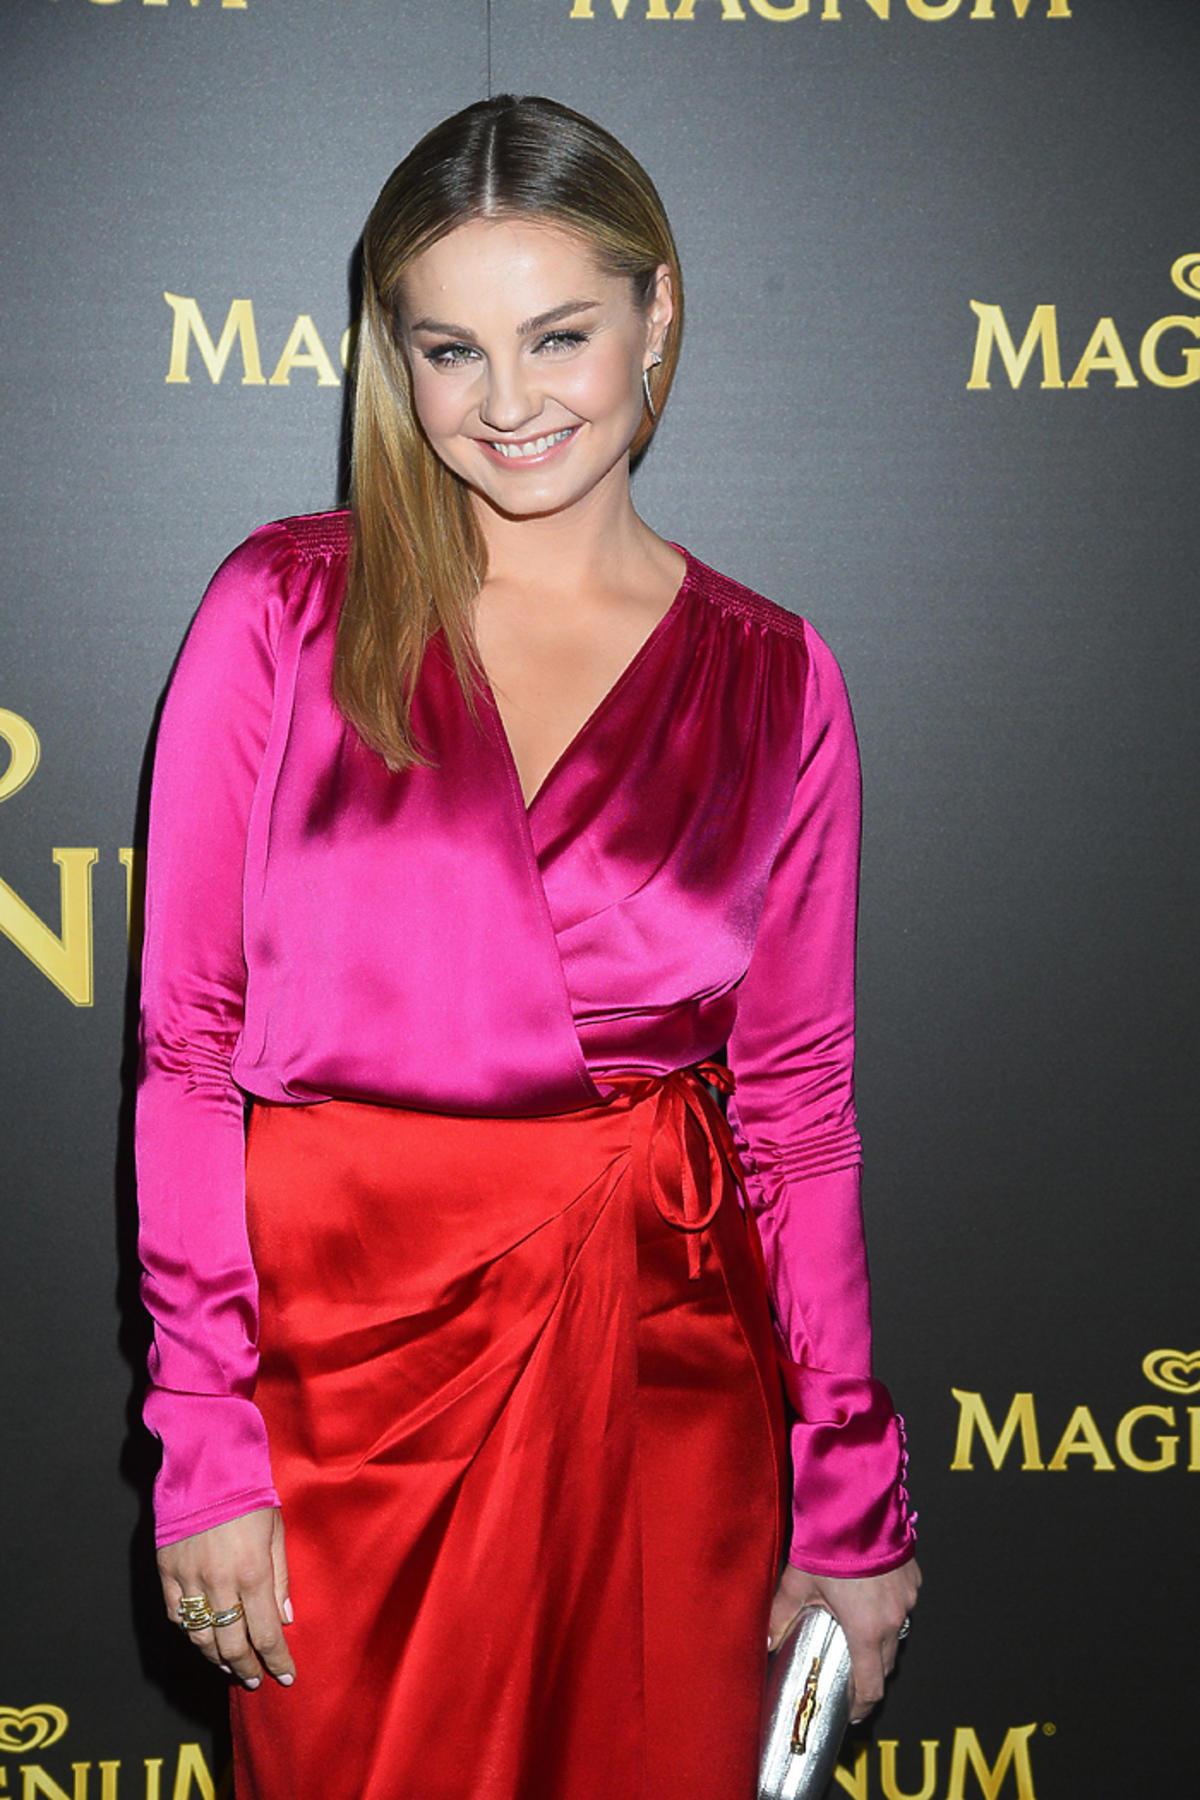 Małgorzata Socha  na pokazie mody marki La Mania  w satynowej stylizacji